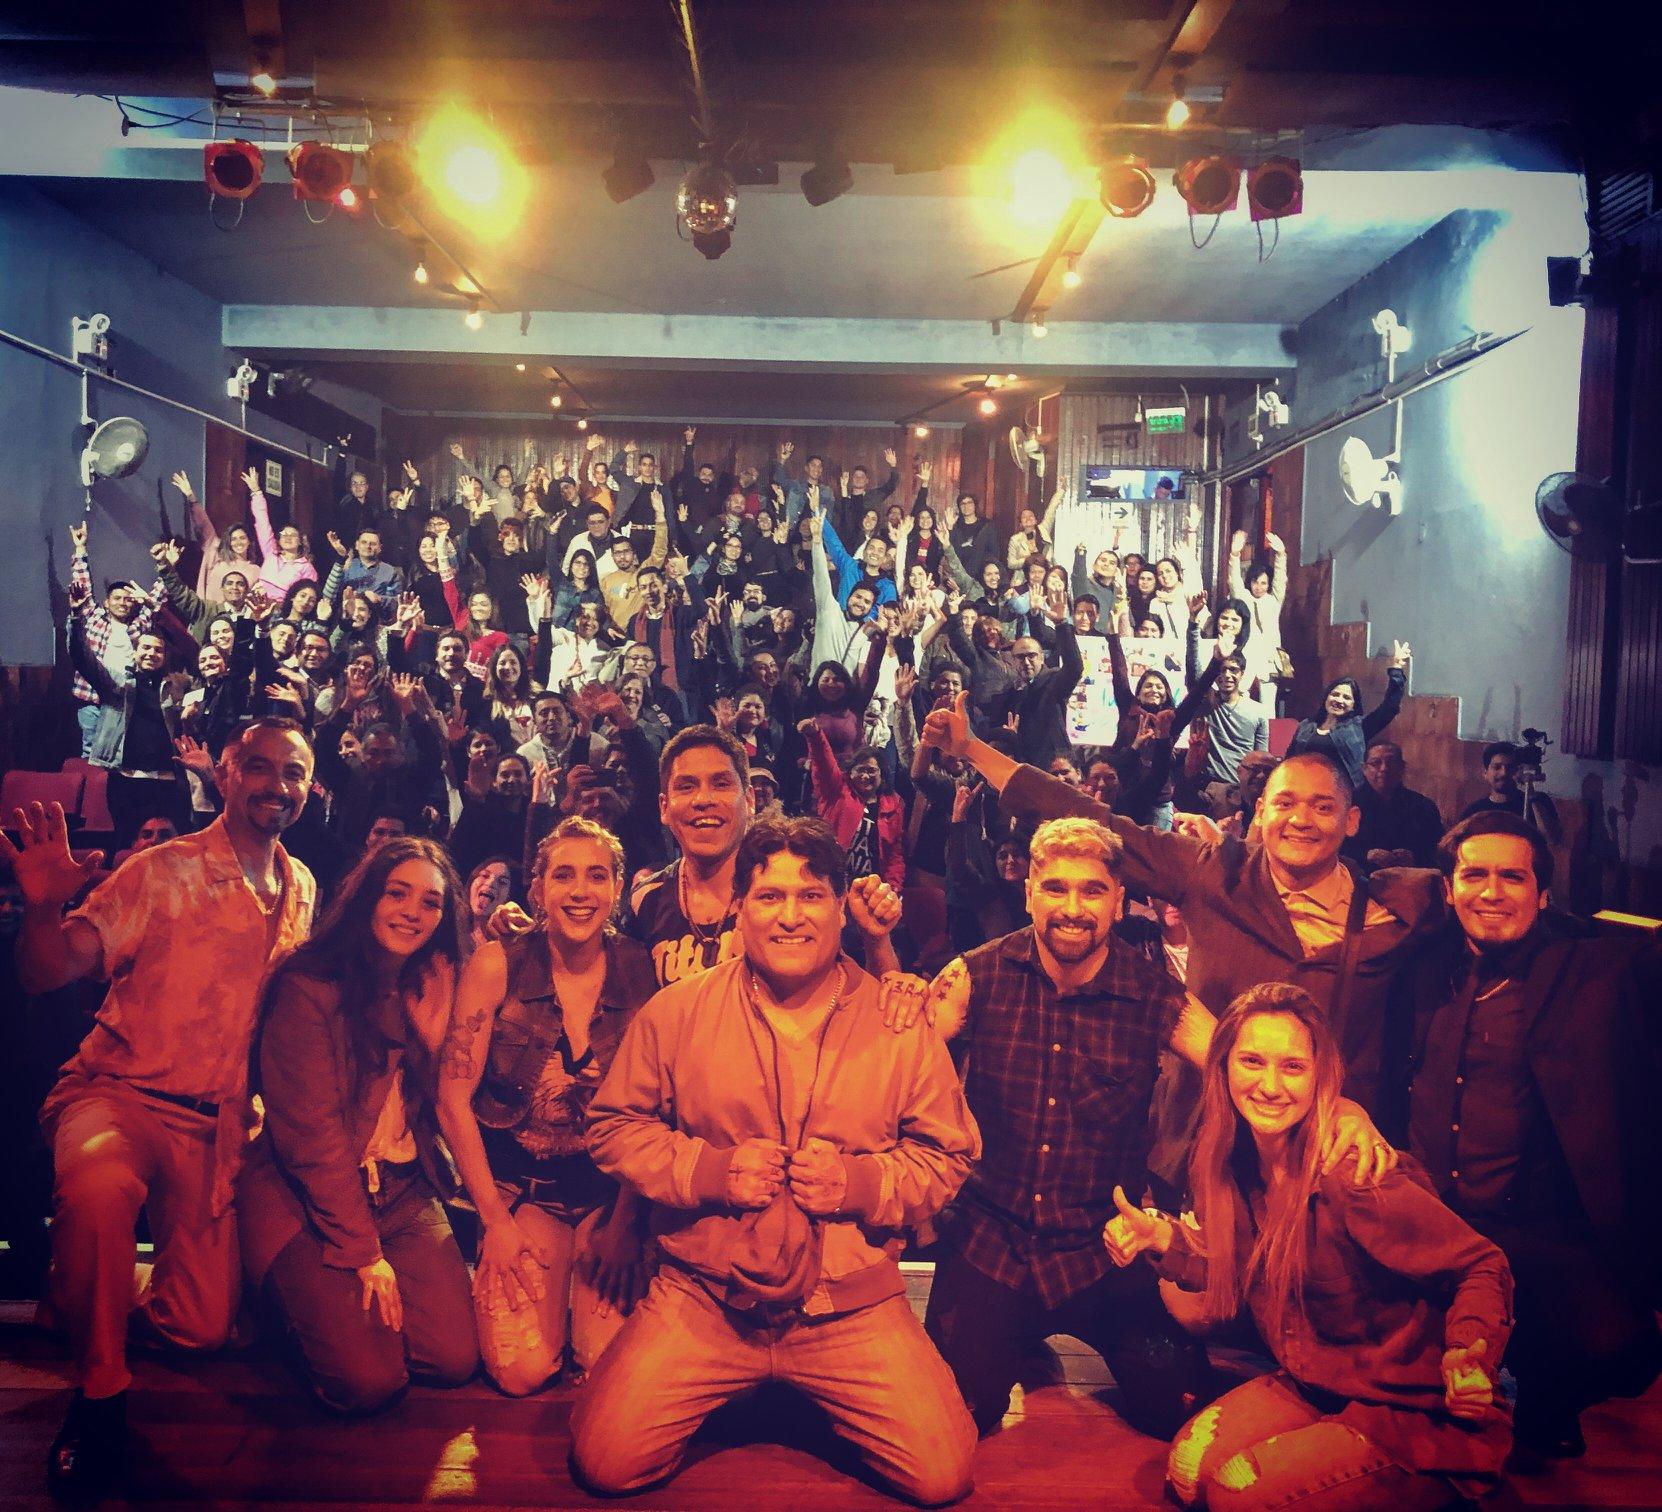 Estreno de Vikingos Teatro Auditorio Miraflores - 06-09-2019 (Imagen de: Abuelo Producciones)